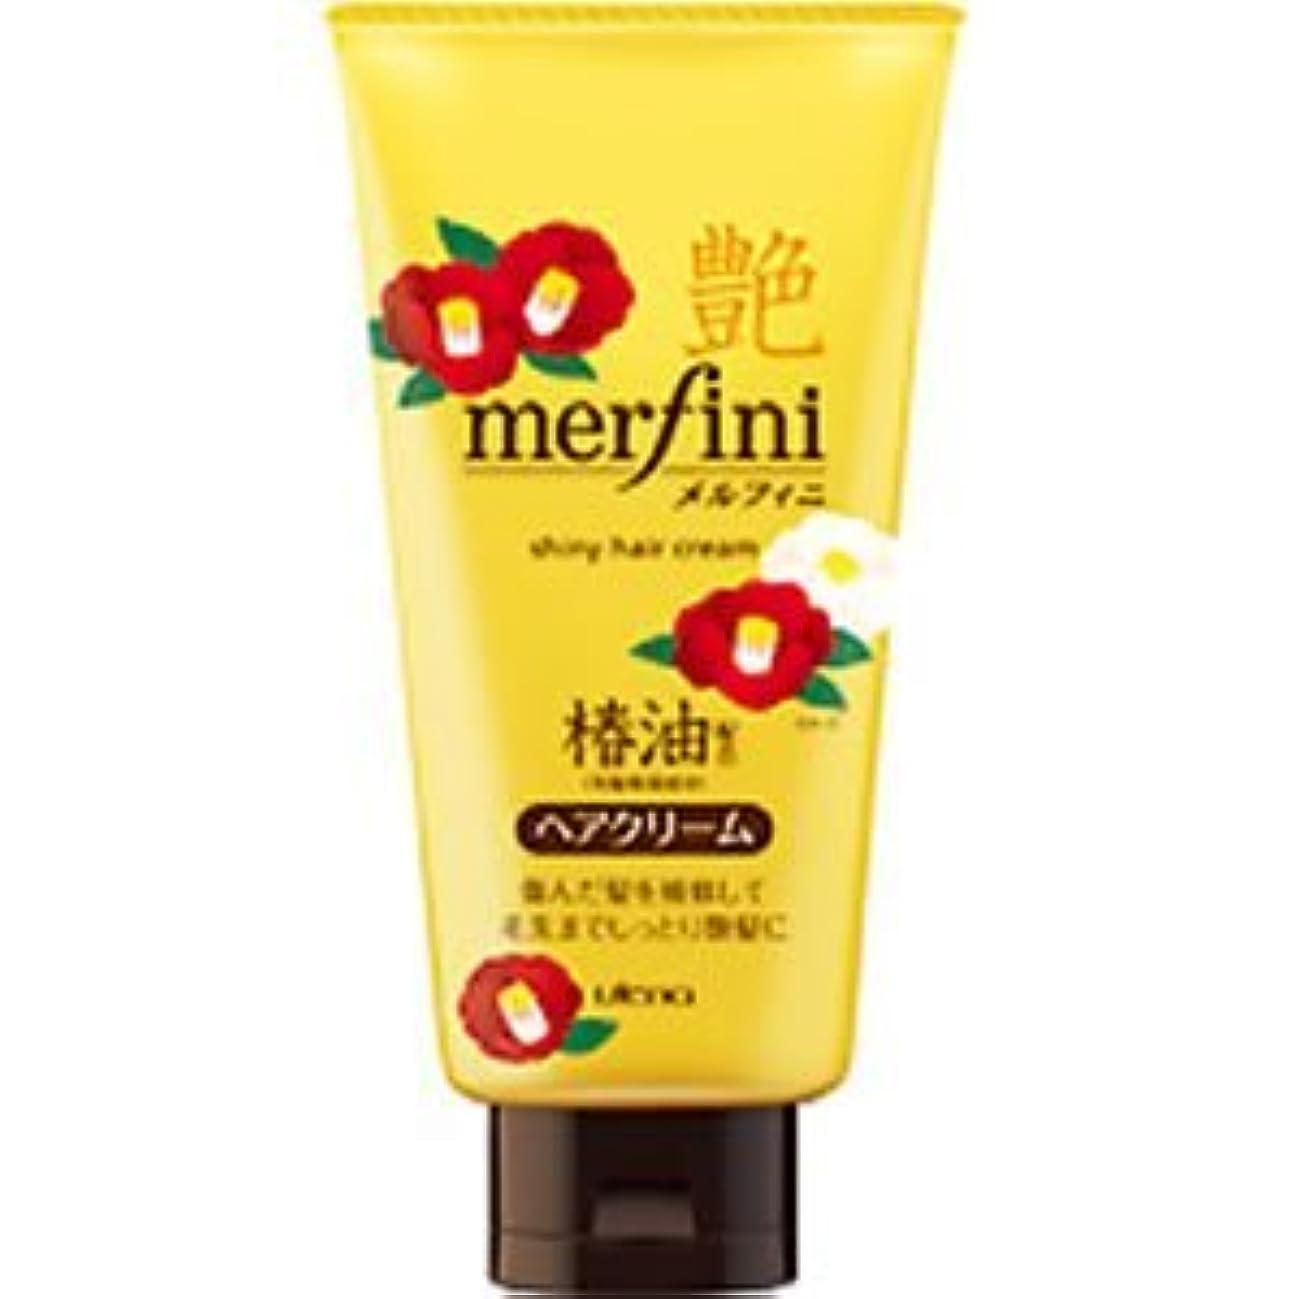 レジ適度に薬を飲む(ウテナ)メルフィニ モイストミルキィクリーム 150g